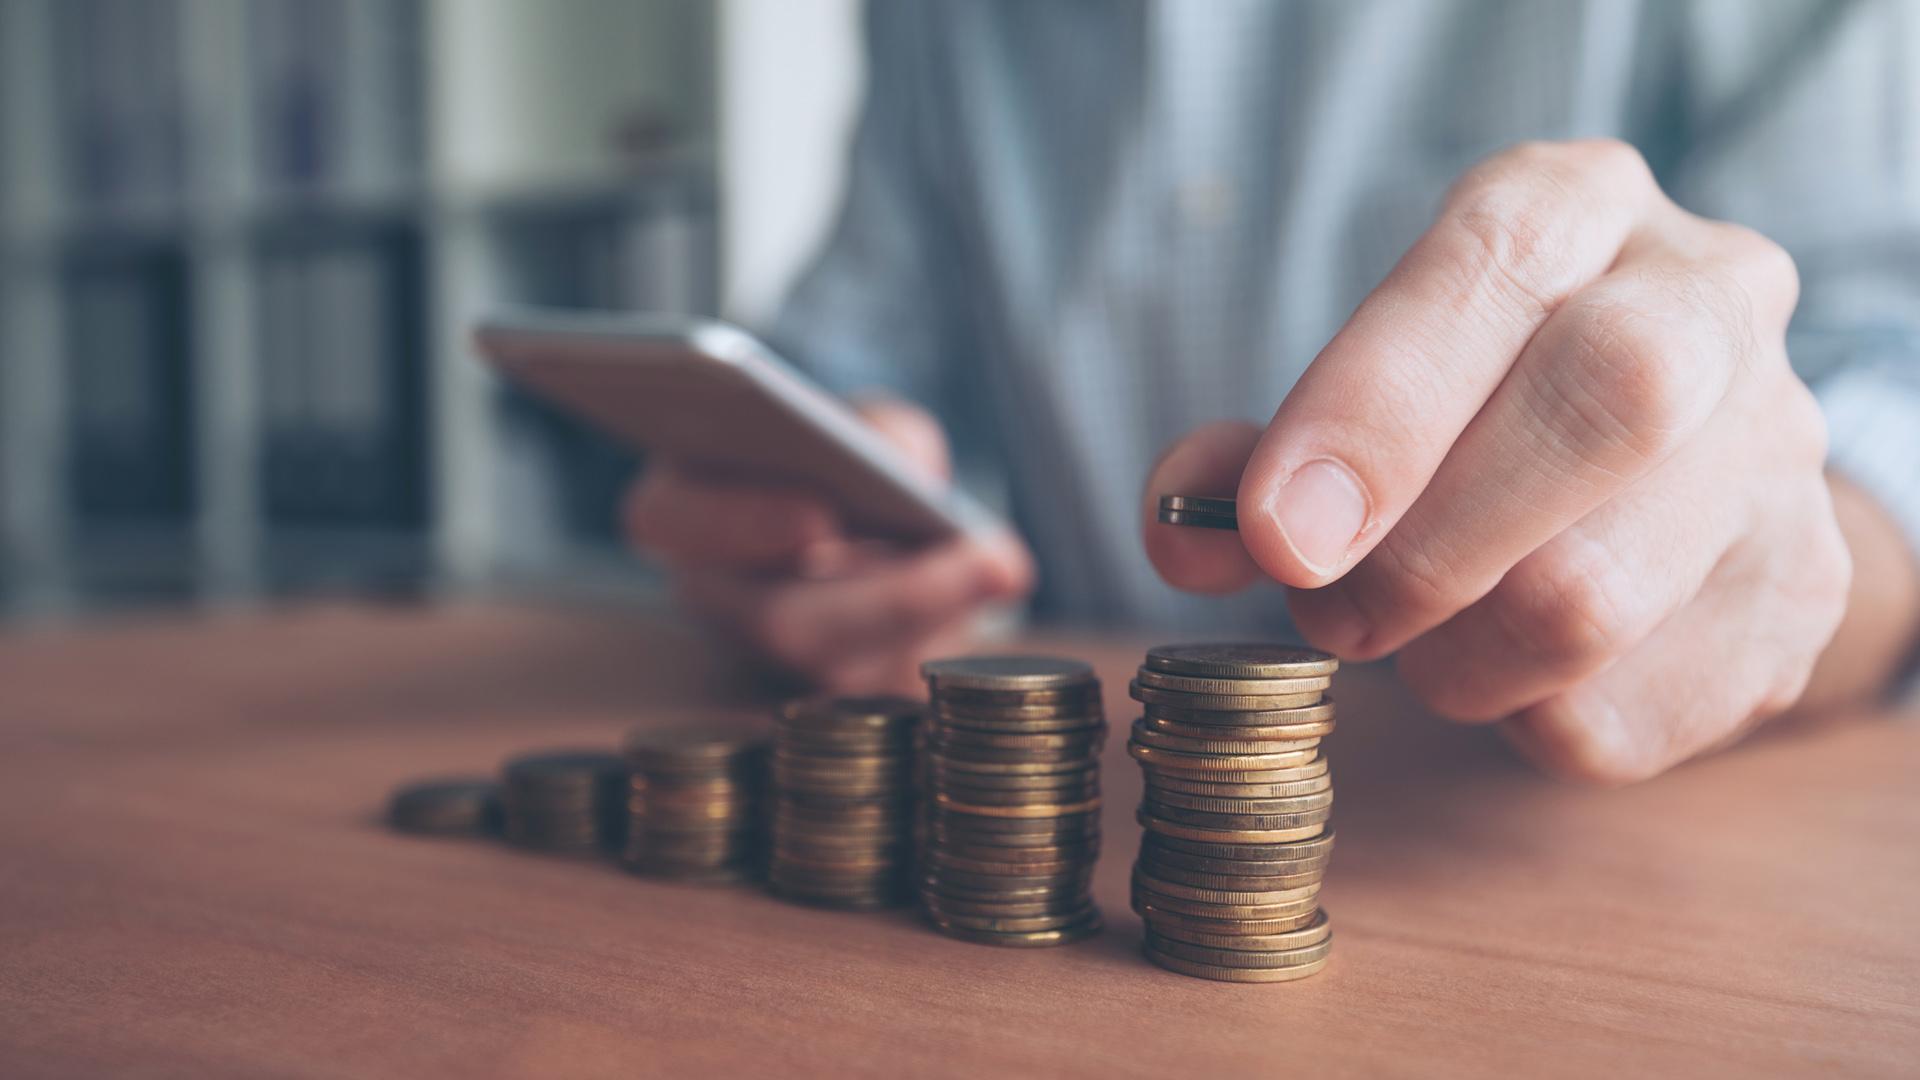 28 мільйонів боргу списано платникам податків у Черкаській області